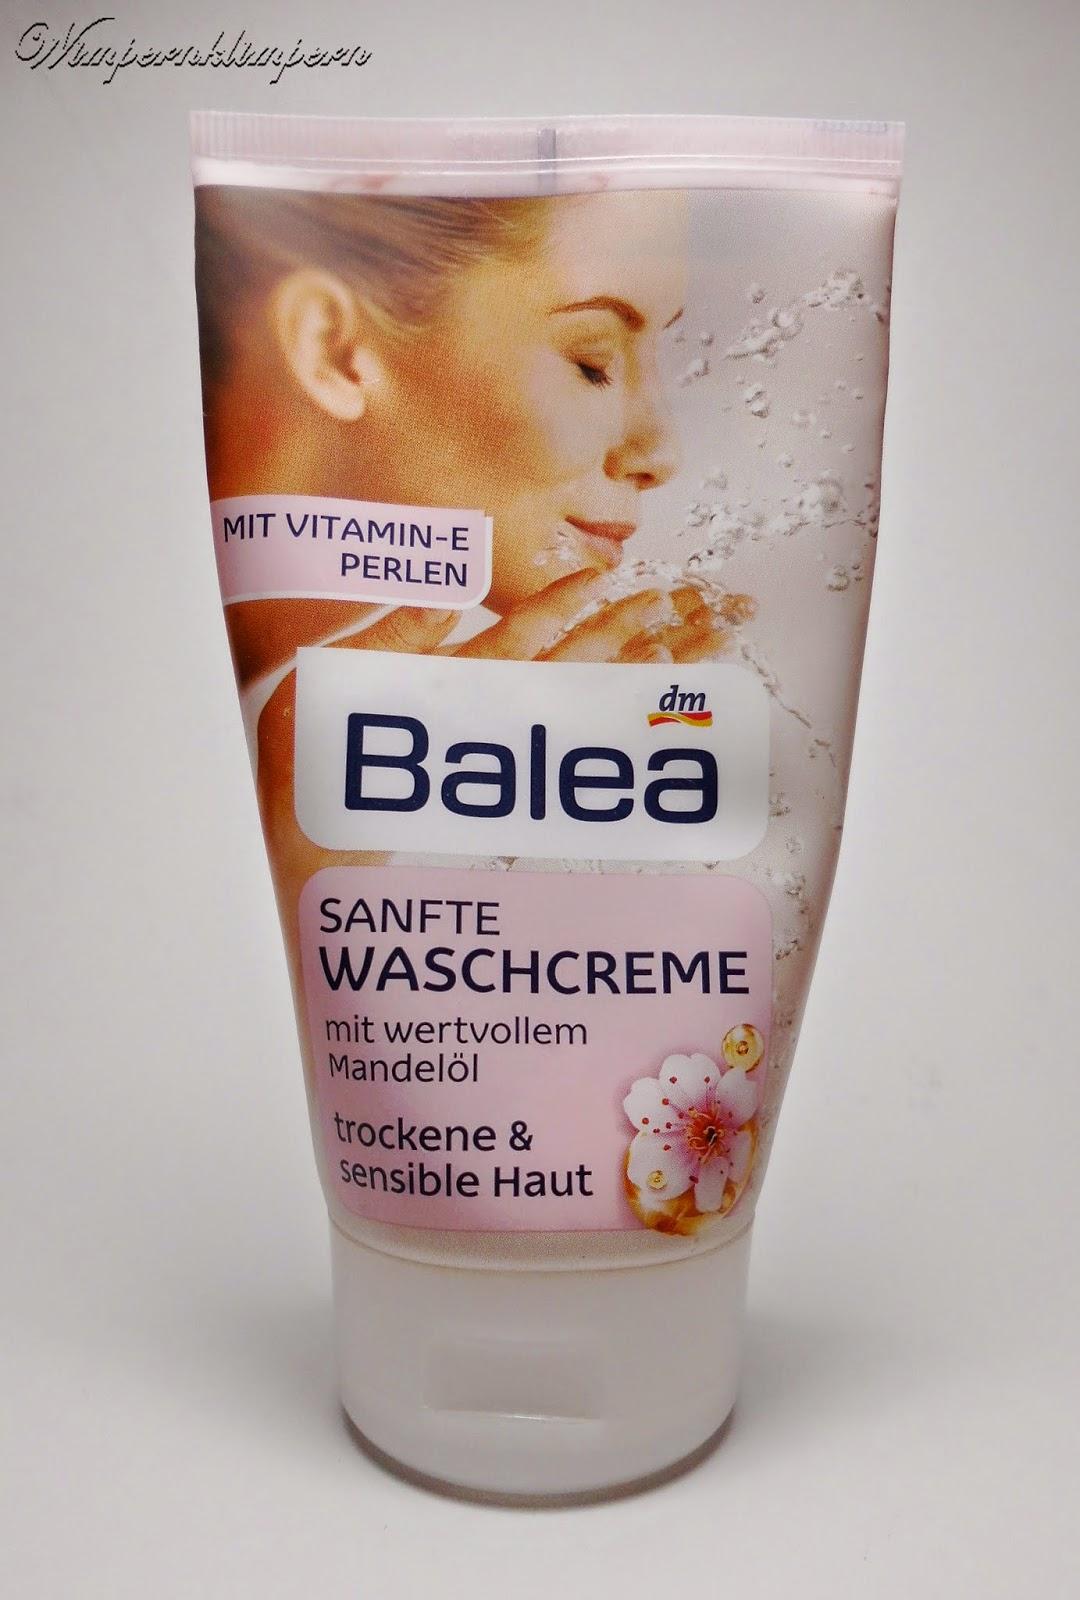 Balea sanfte Waschcreme Review Verpackung